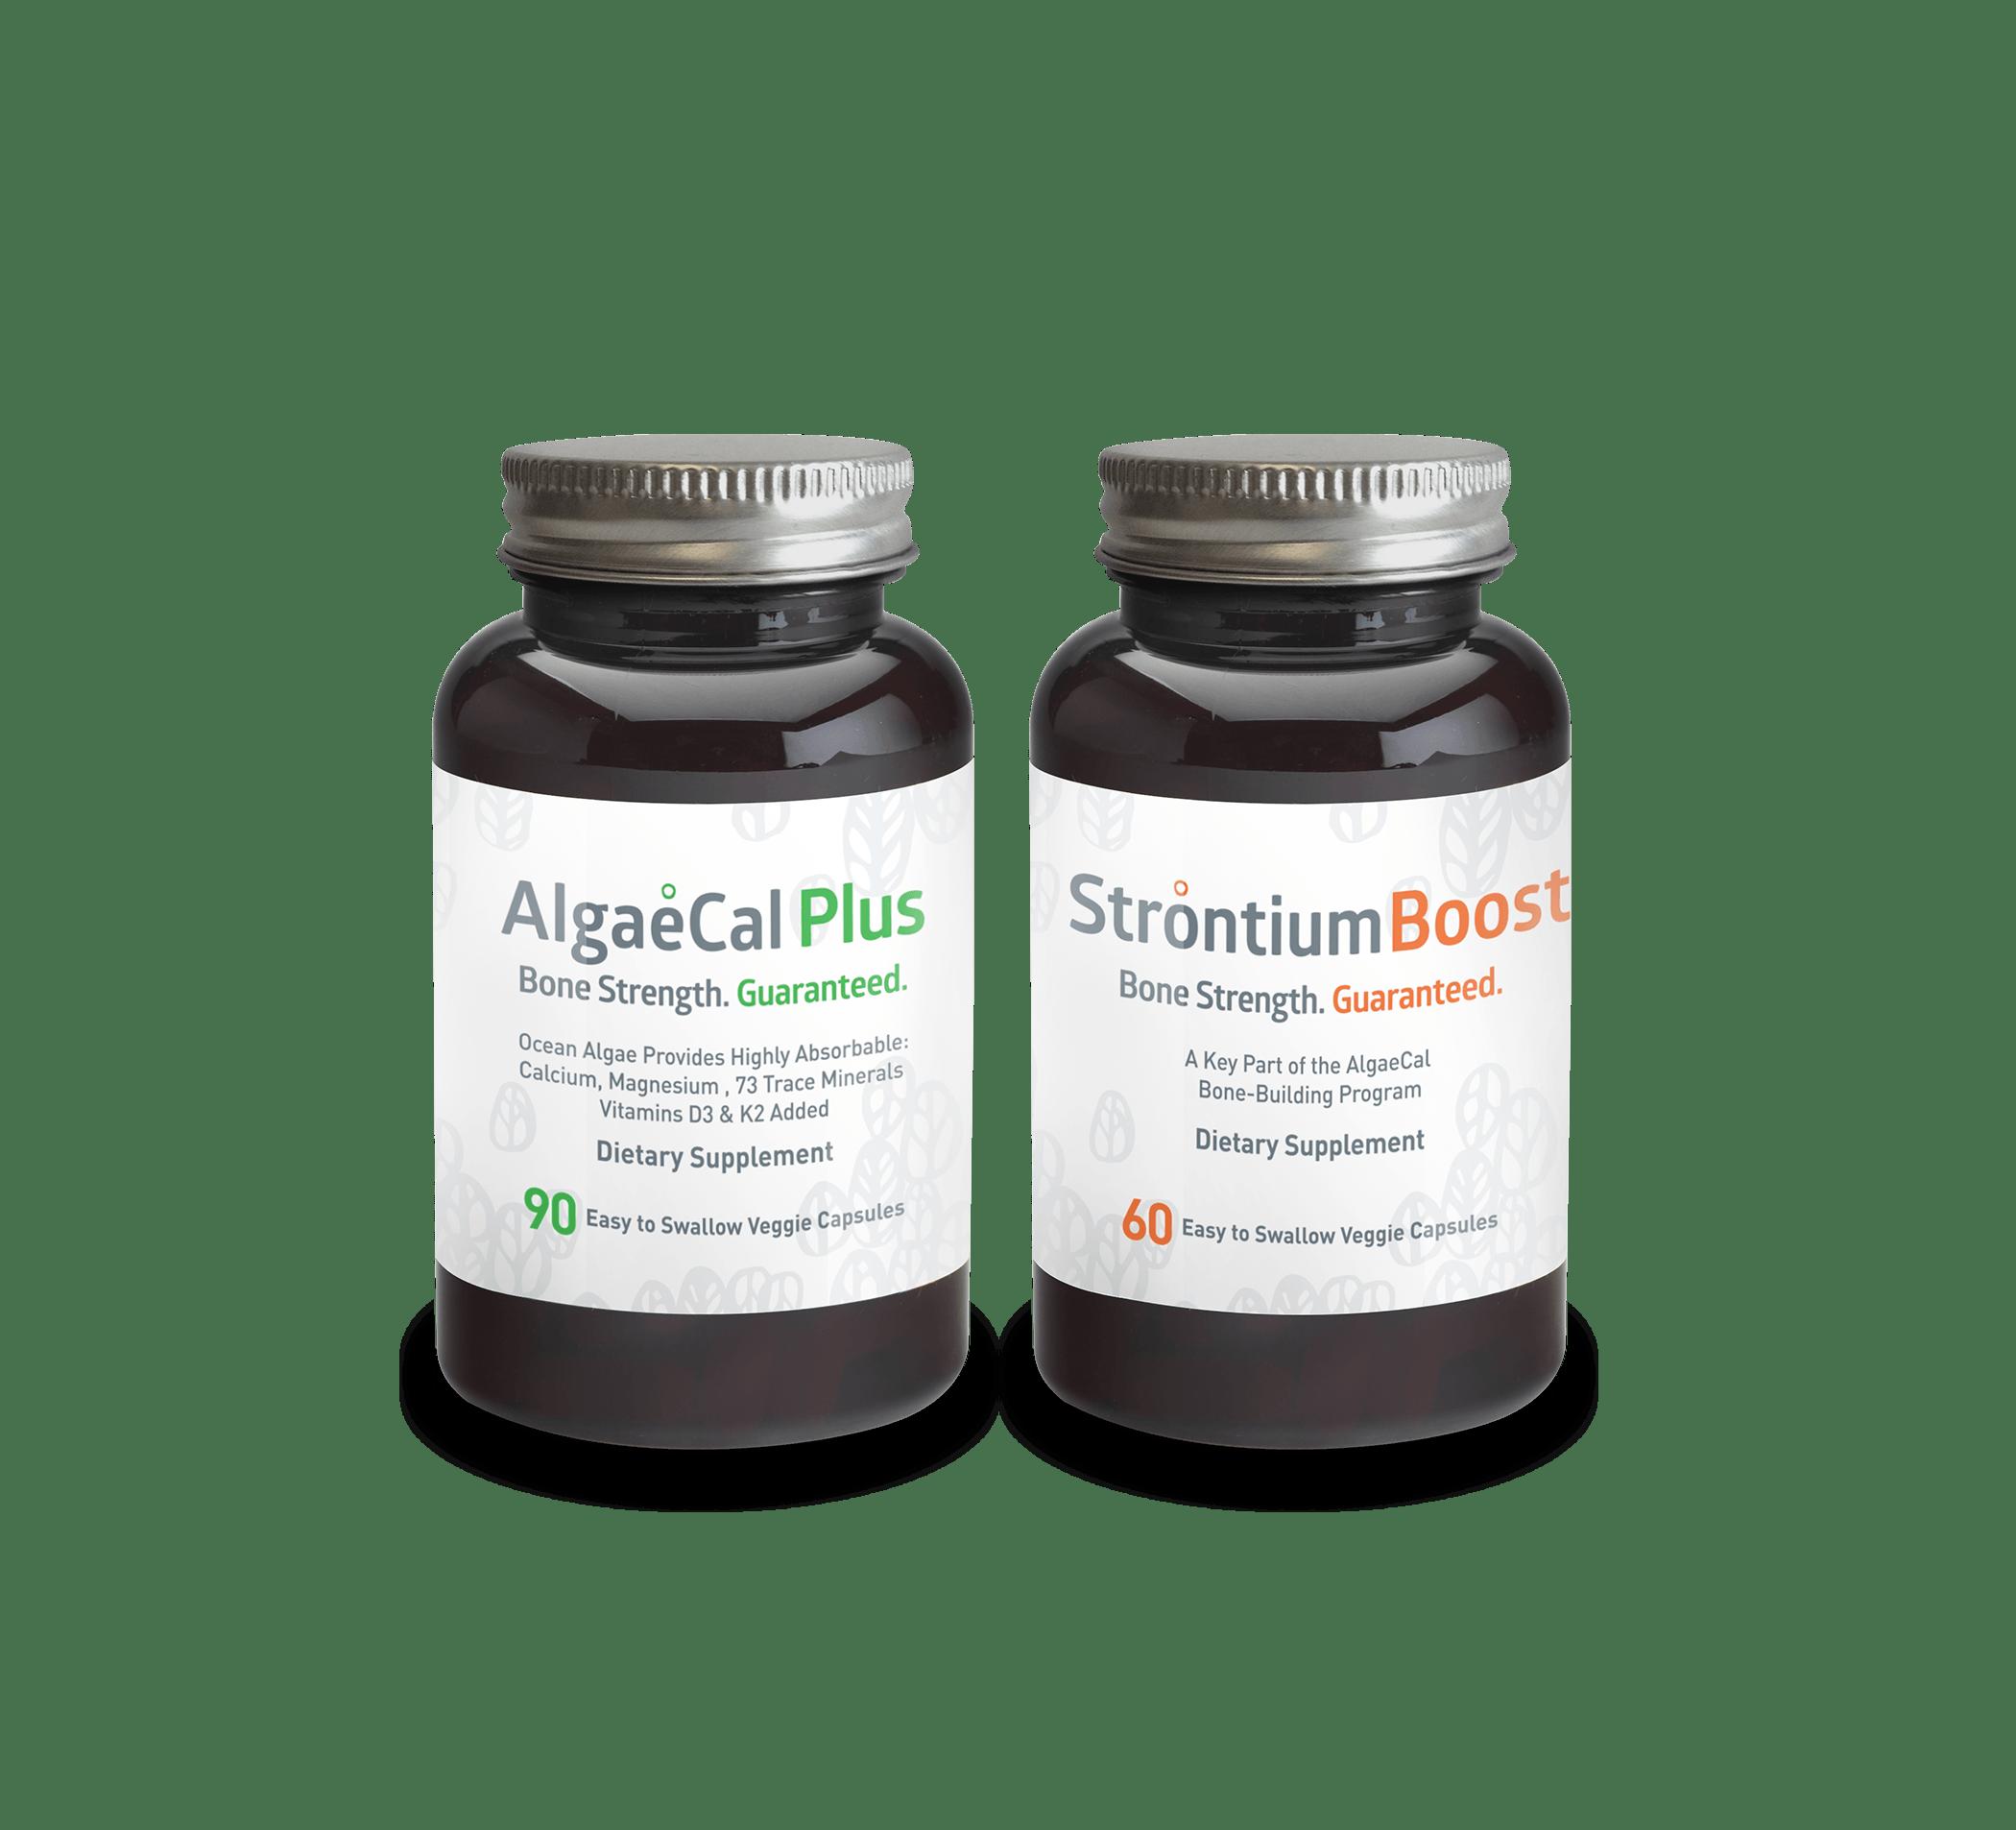 AlgaeCal Plus and Strontium Boost - Bone Builder Pack